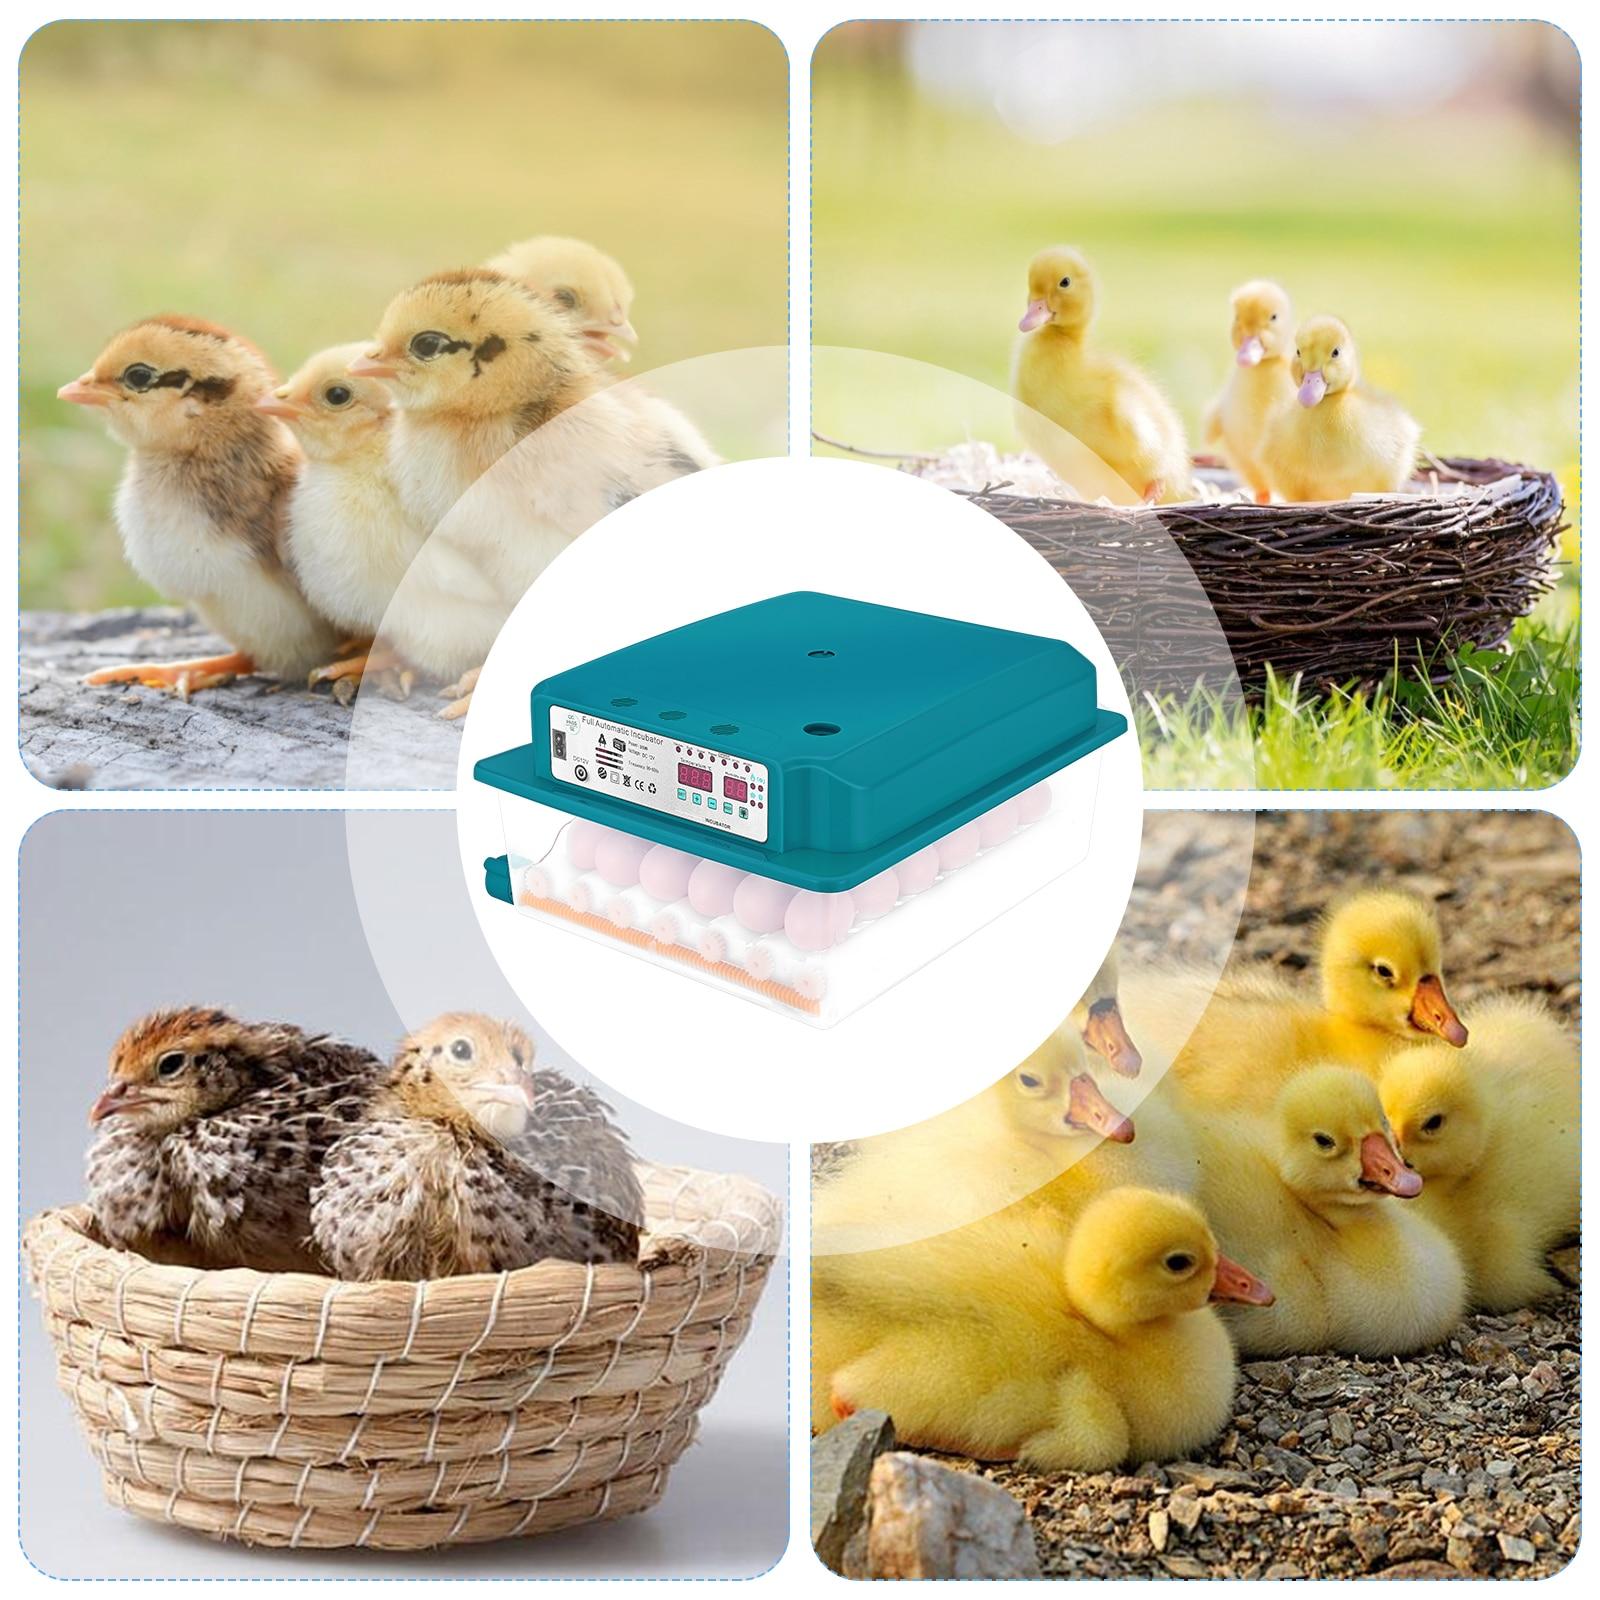 Инкубатор для яиц, полностью автоматический инкубатор, домашний инкубатор для кур на ферме, инкубатор для цыплят инкубатор птичьих яиц 36 яи...